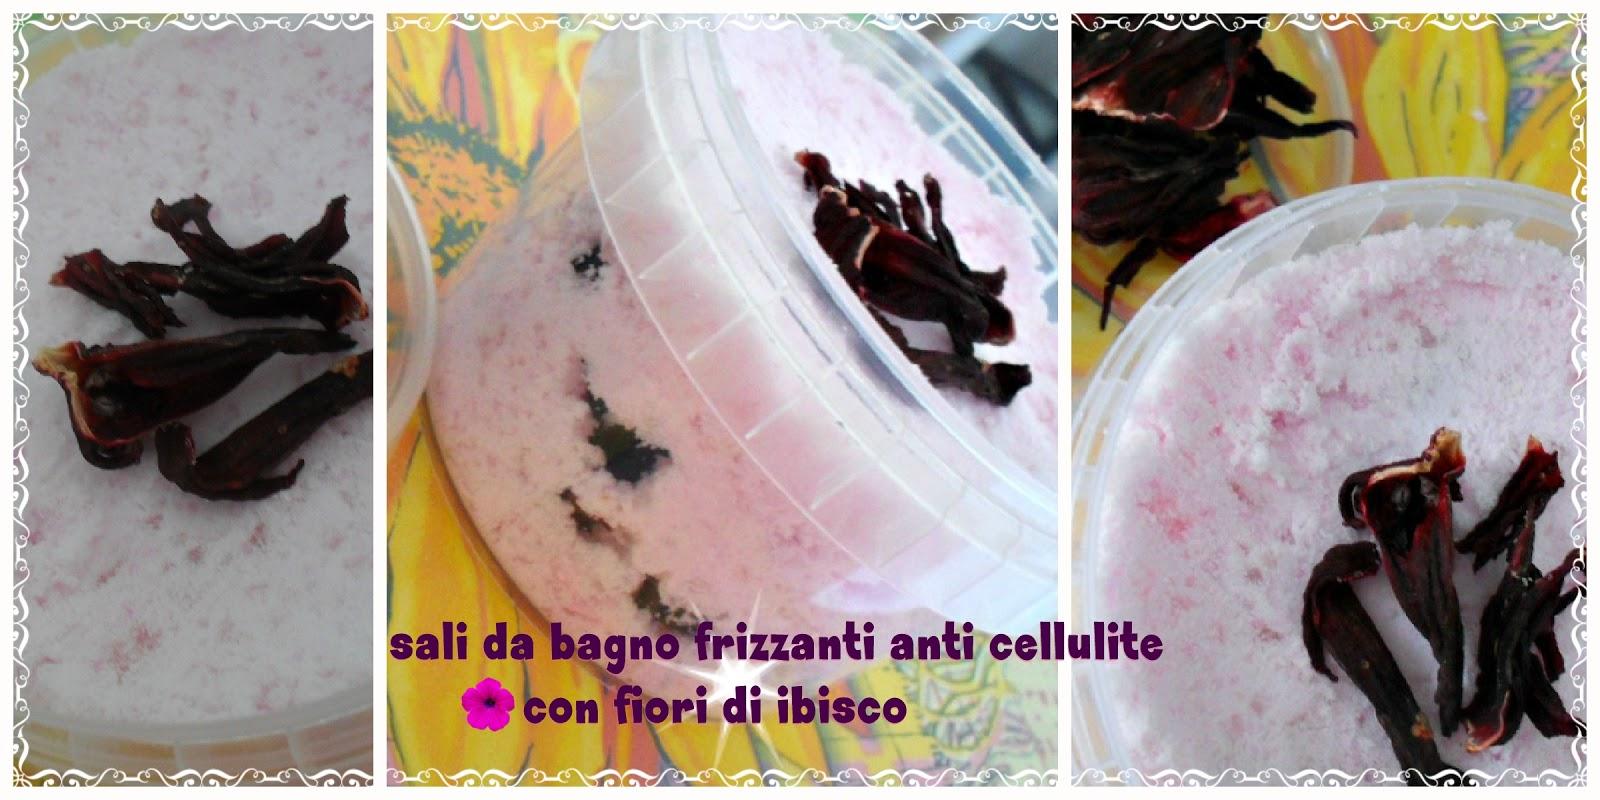 Nife diy beauty sali da bagno frizzanti anti cellulite - Bagno anticellulite ...